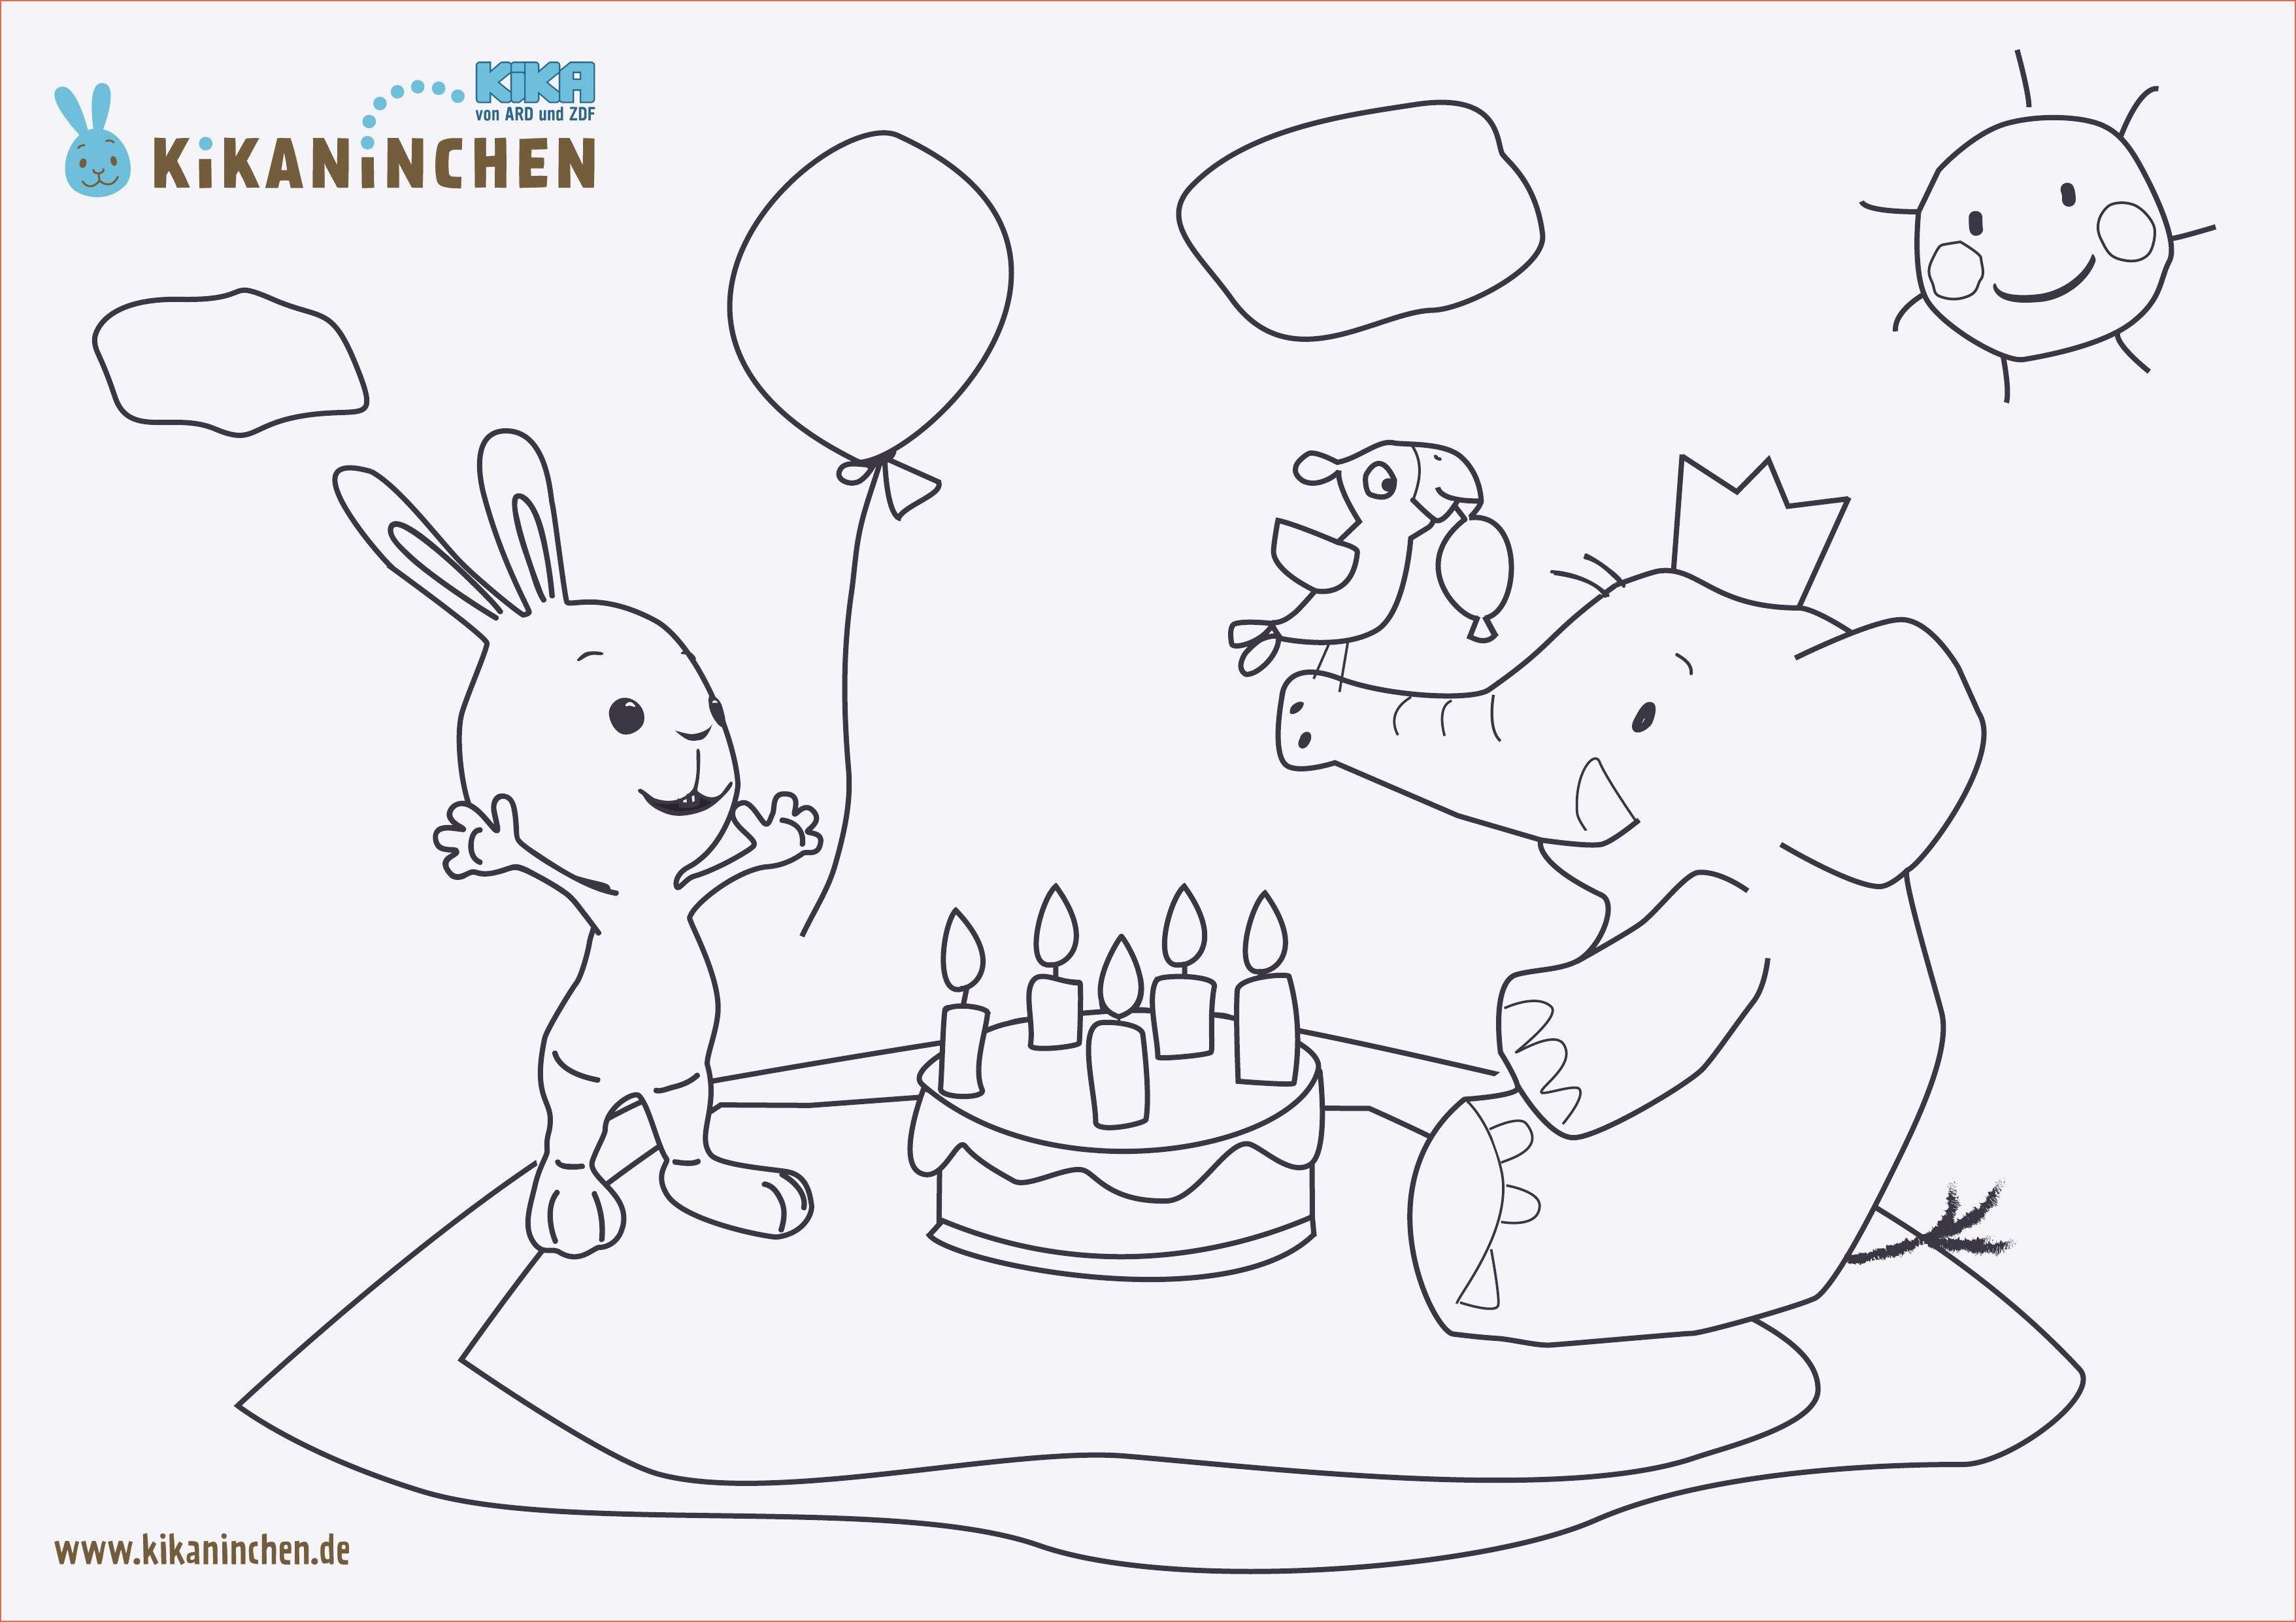 Ausmalbilder Ostern Hase Neu Ostern Druckbare Malvorlagen Blendend Ausmalbilder Kaninchen Besten Galerie